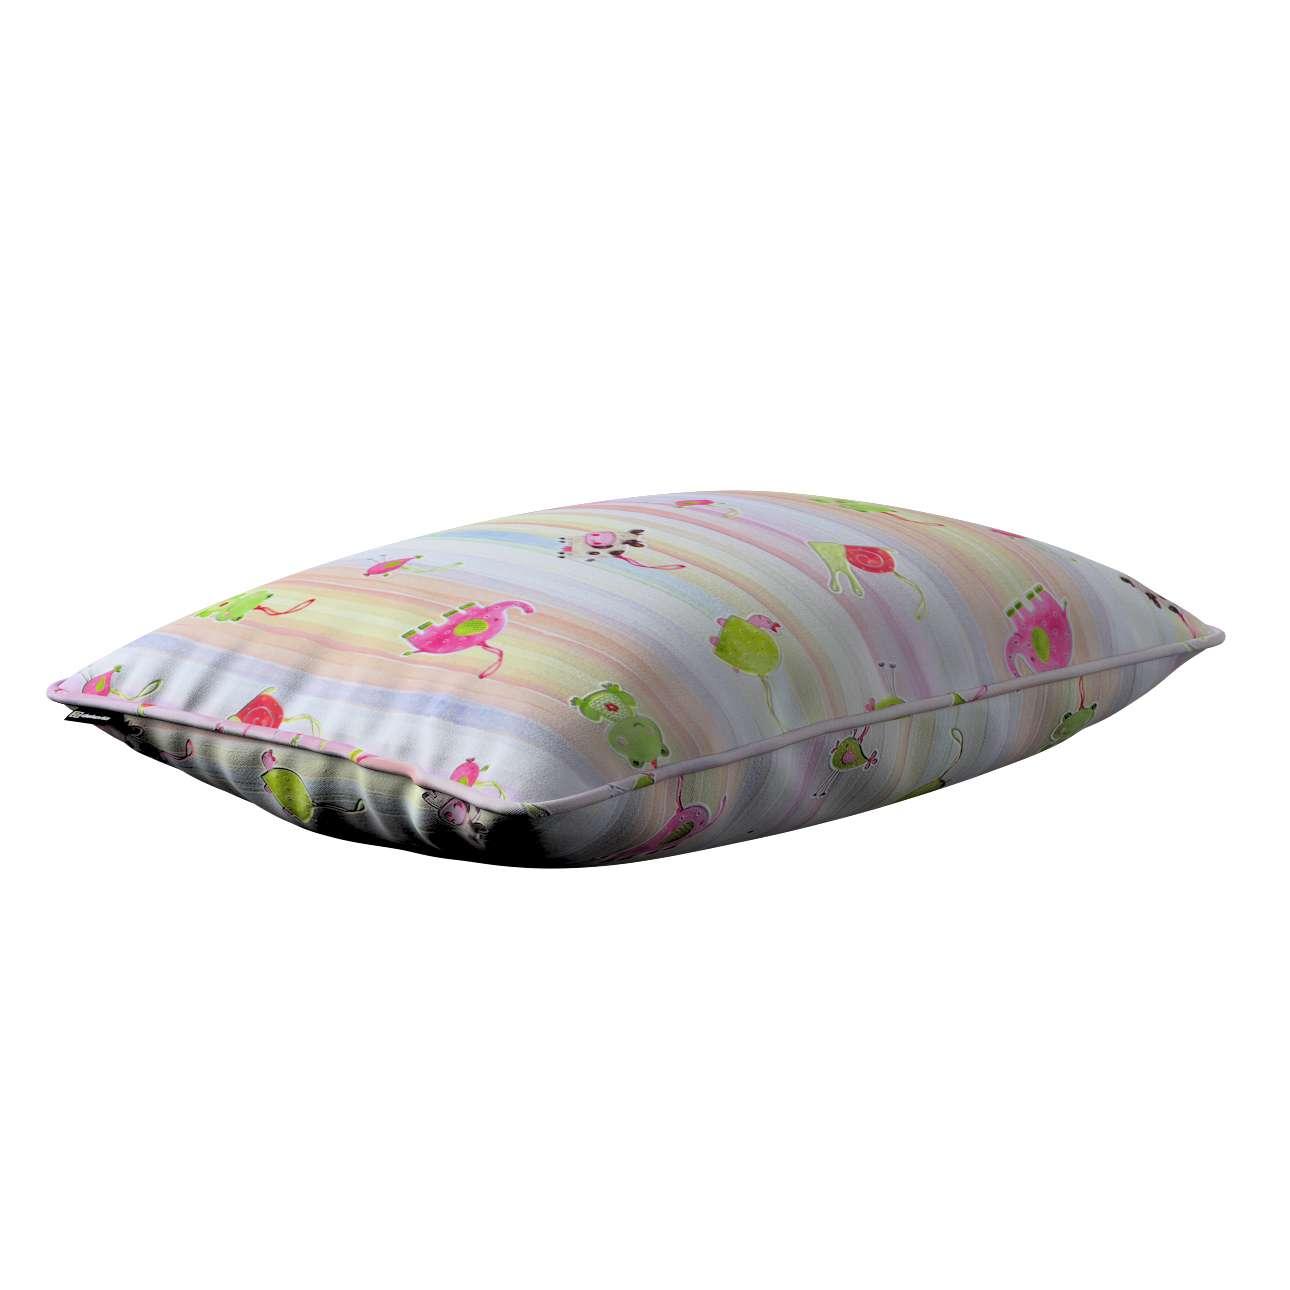 Poszewka Gabi na poduszkę prostokątna 60 x 40 cm w kolekcji Apanona, tkanina: 151-05